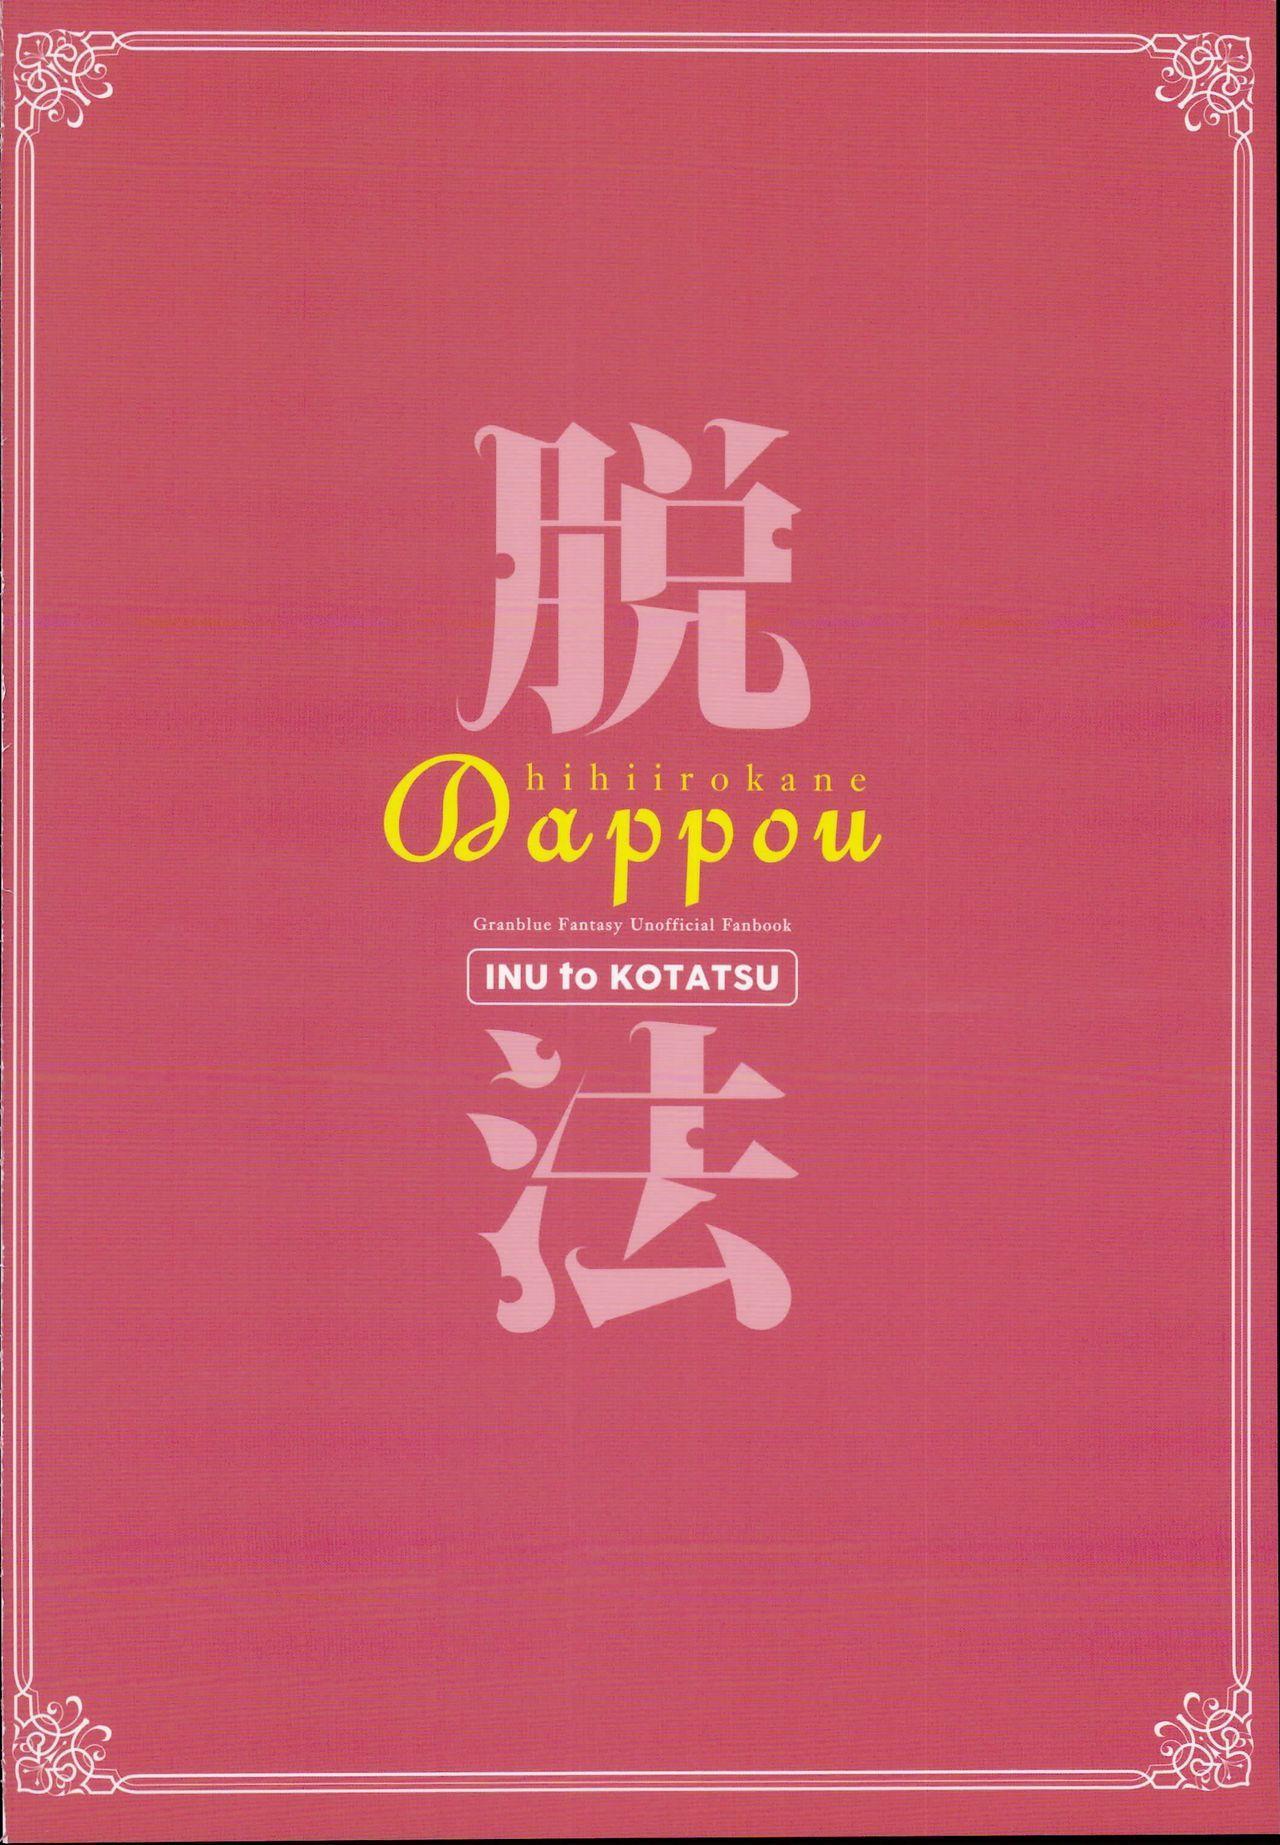 Dappou hihiirokane 23